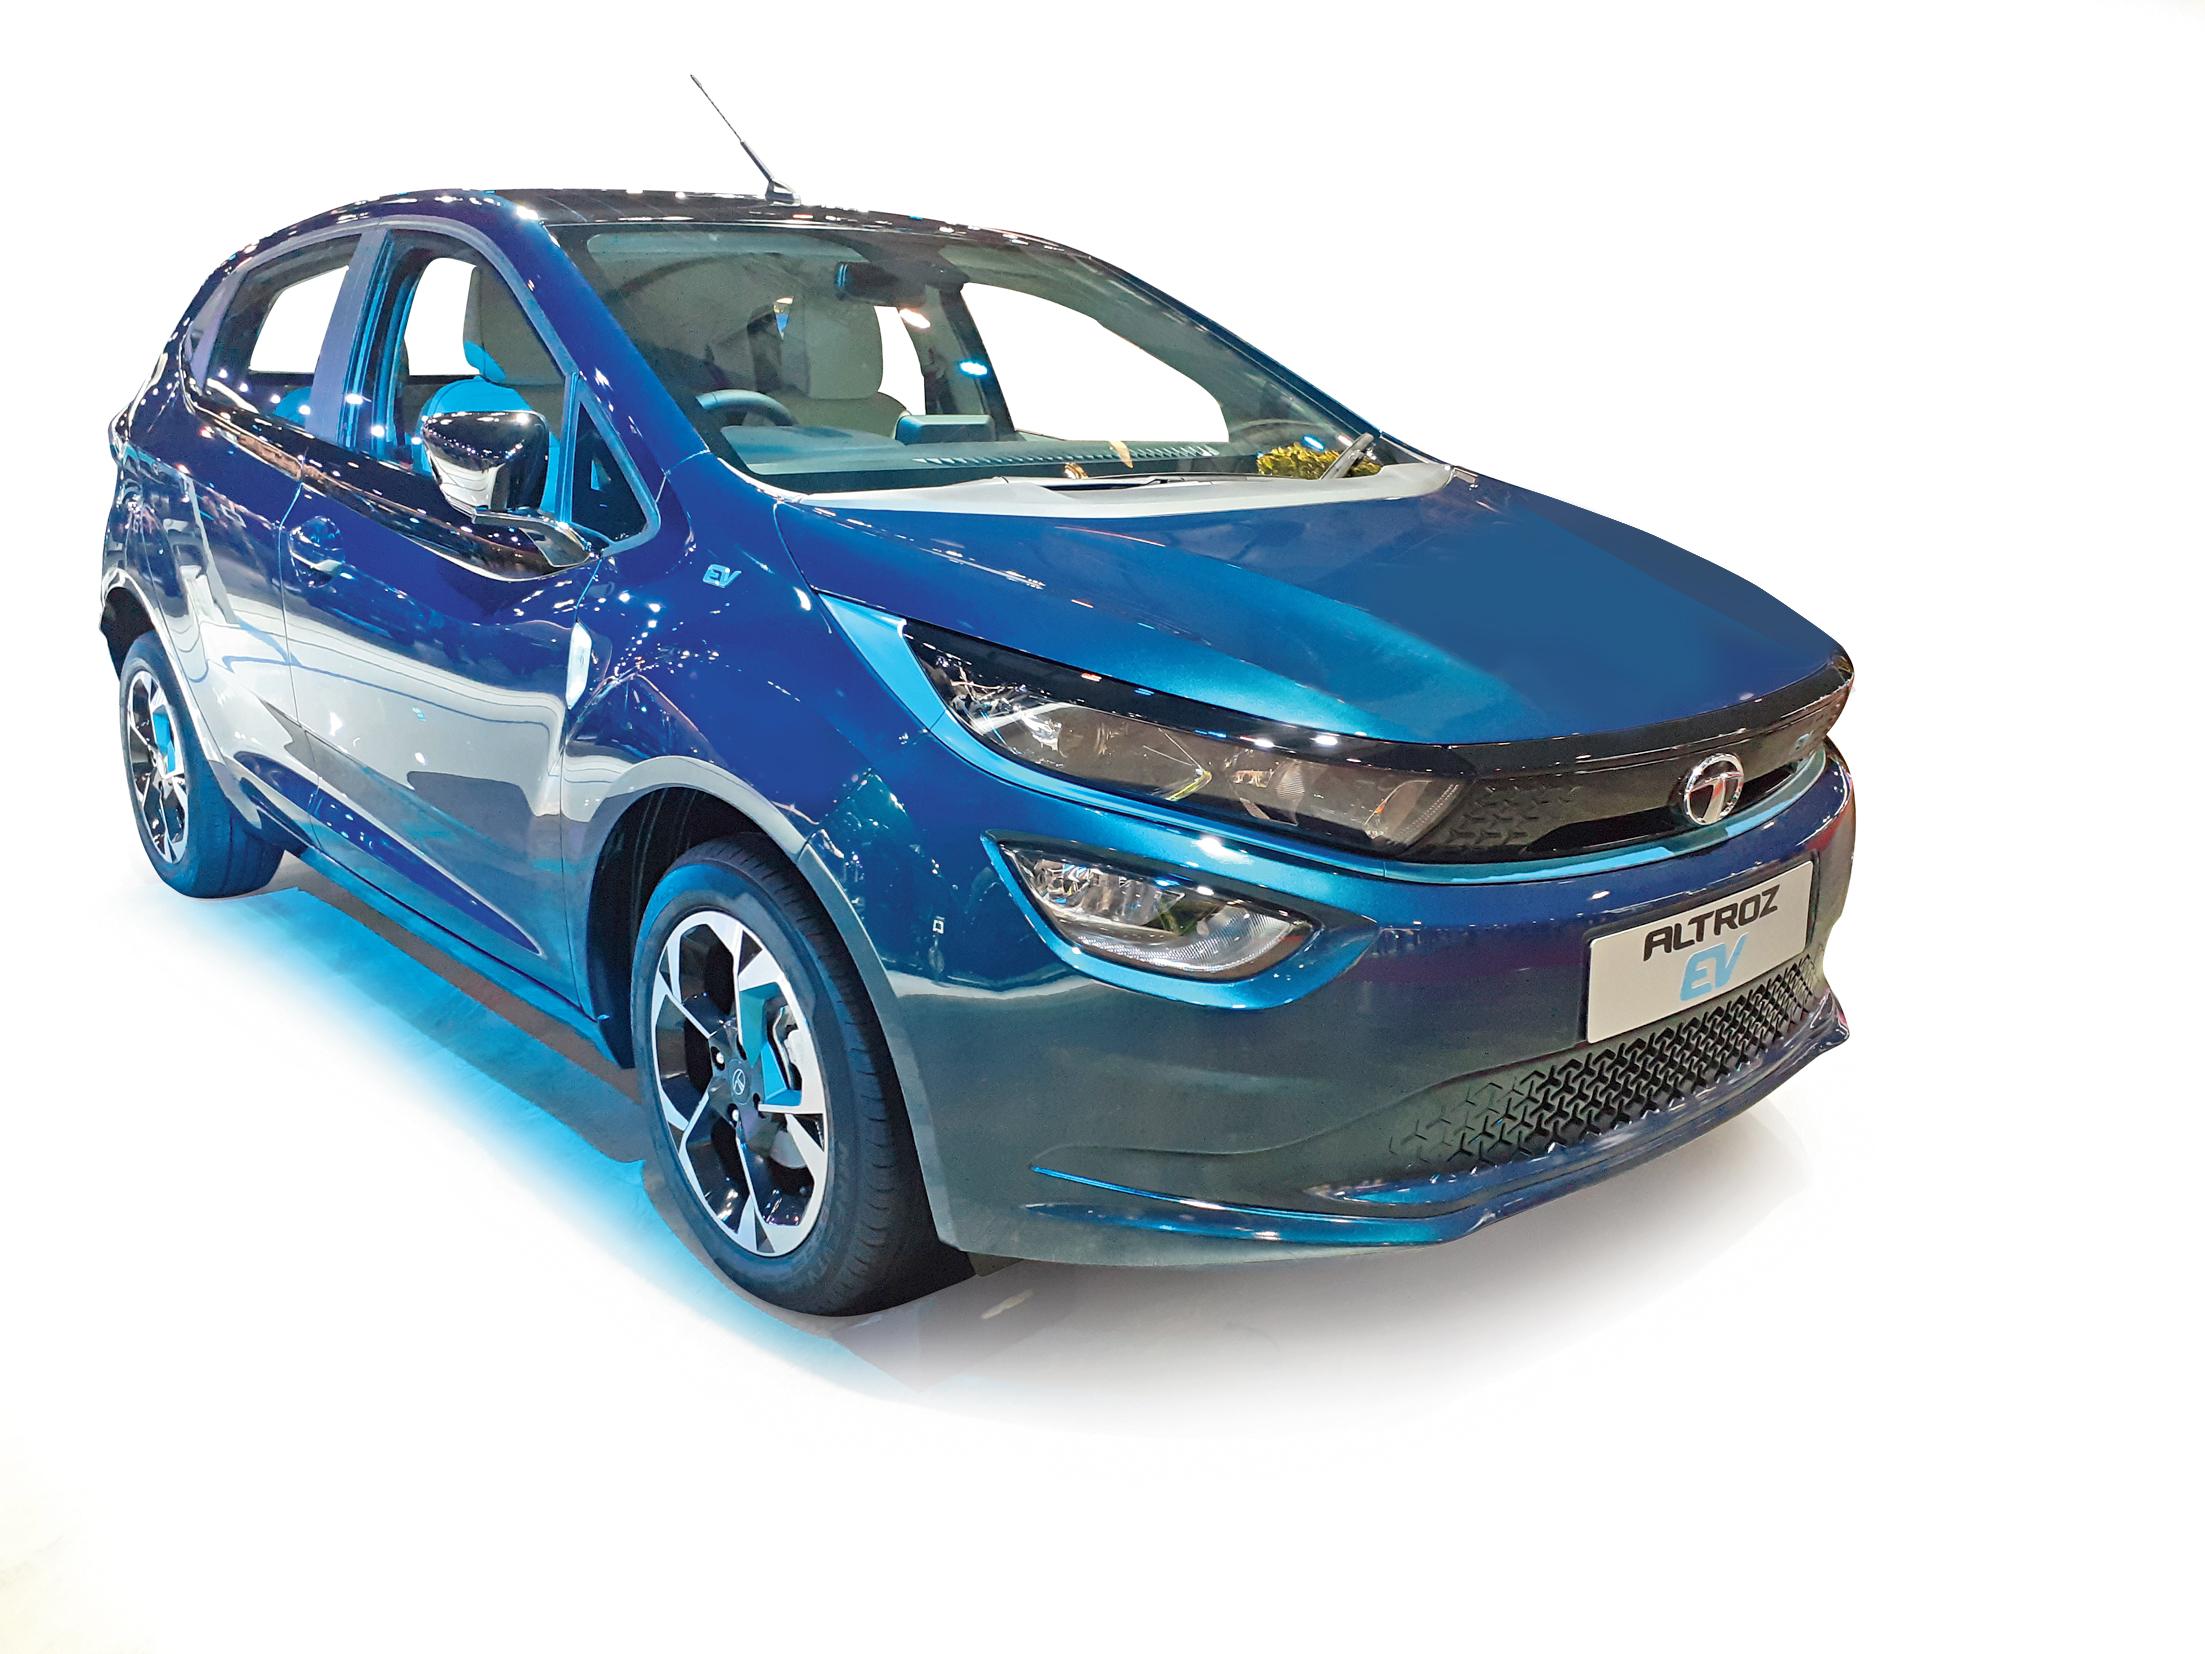 The Tata Altroz EV at Auto Expo 2020